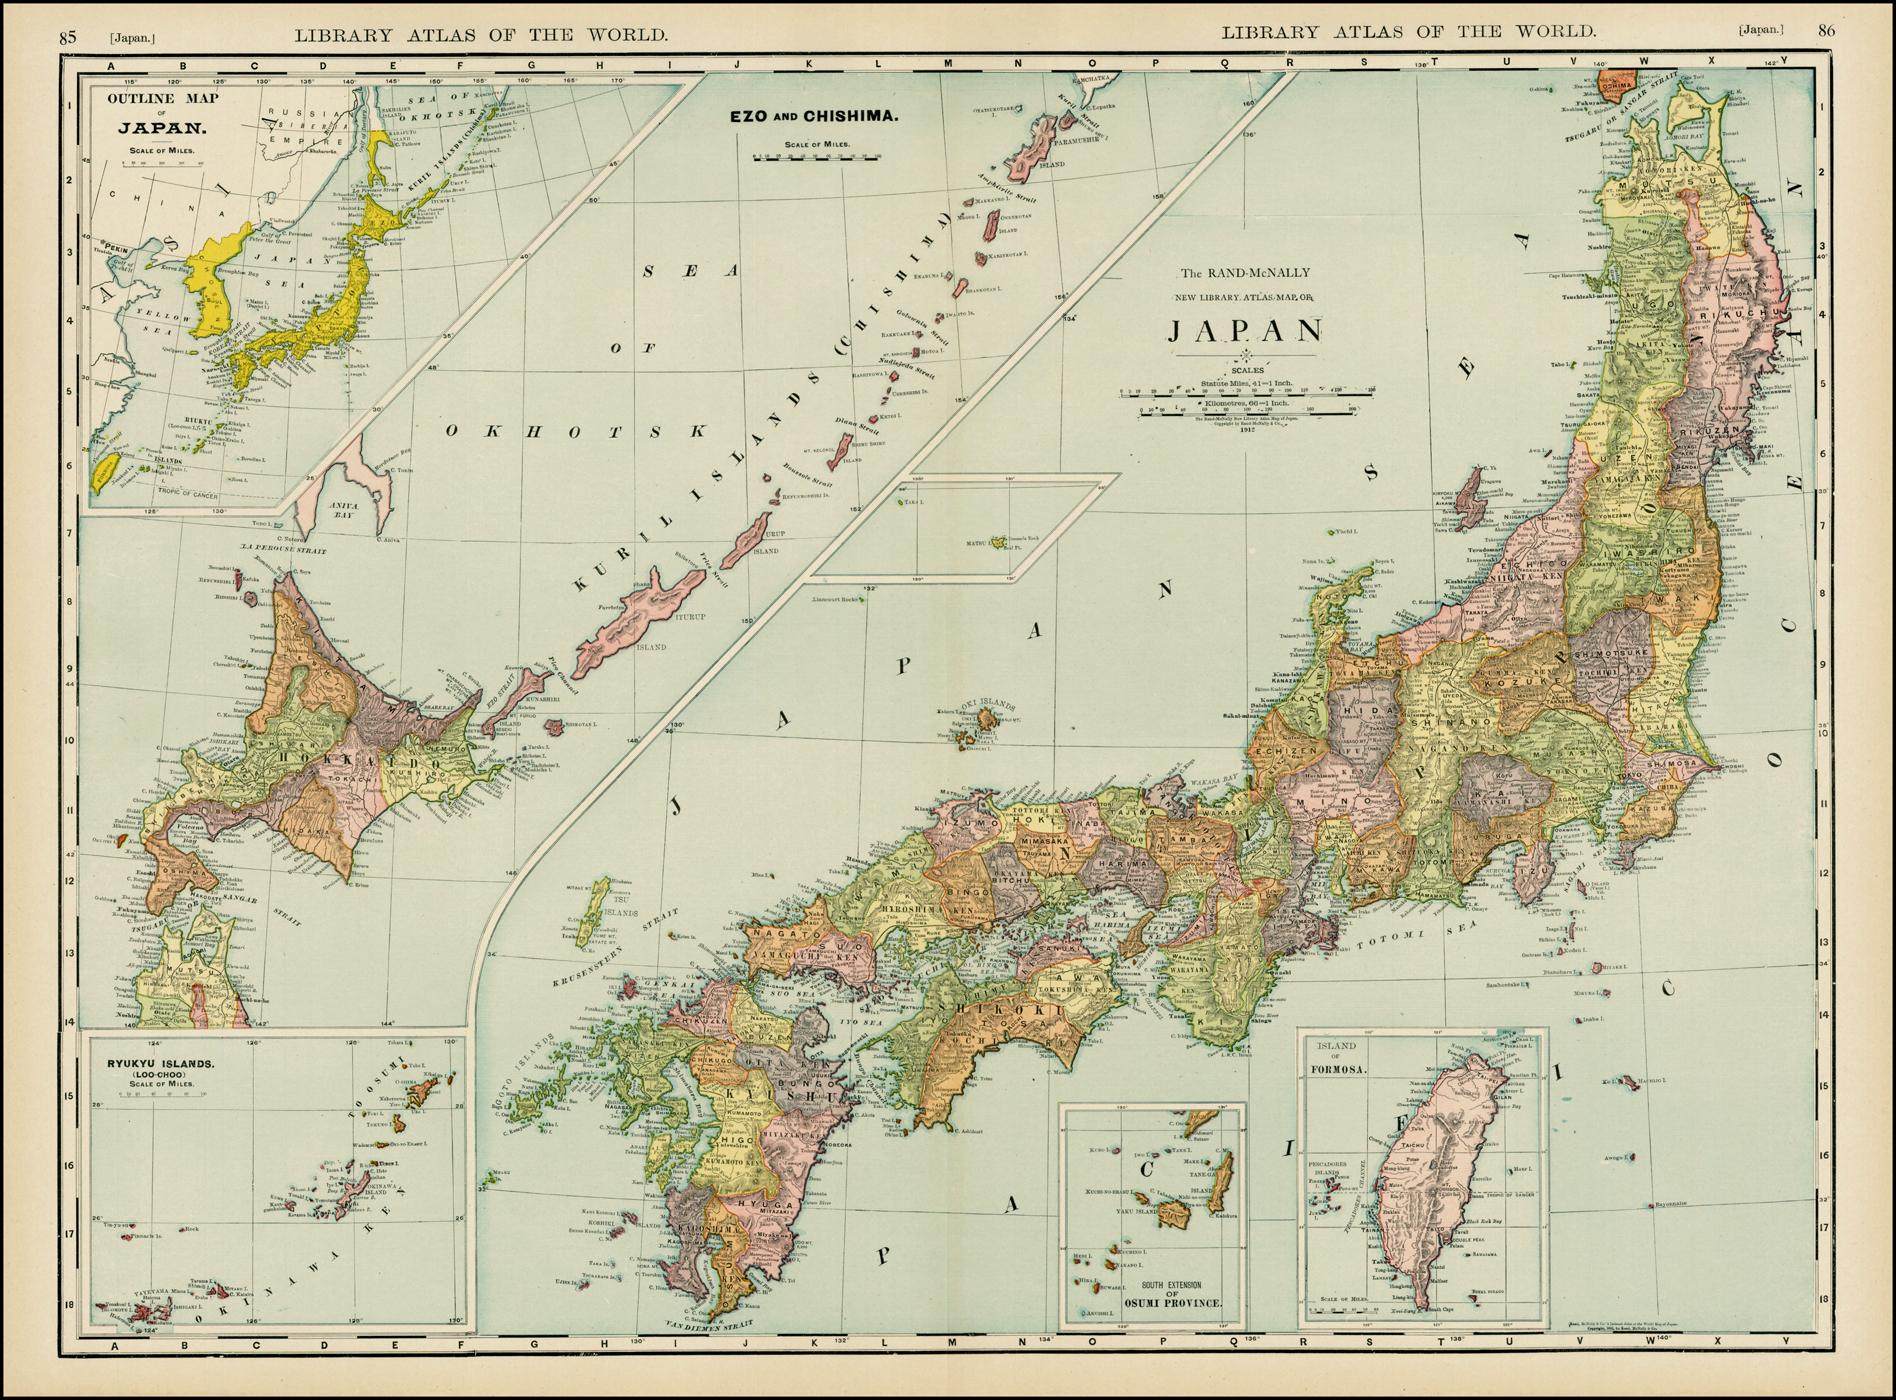 FileNew Library Atlas Map Of Japanjpg Wikimedia Commons - Japan map 2014